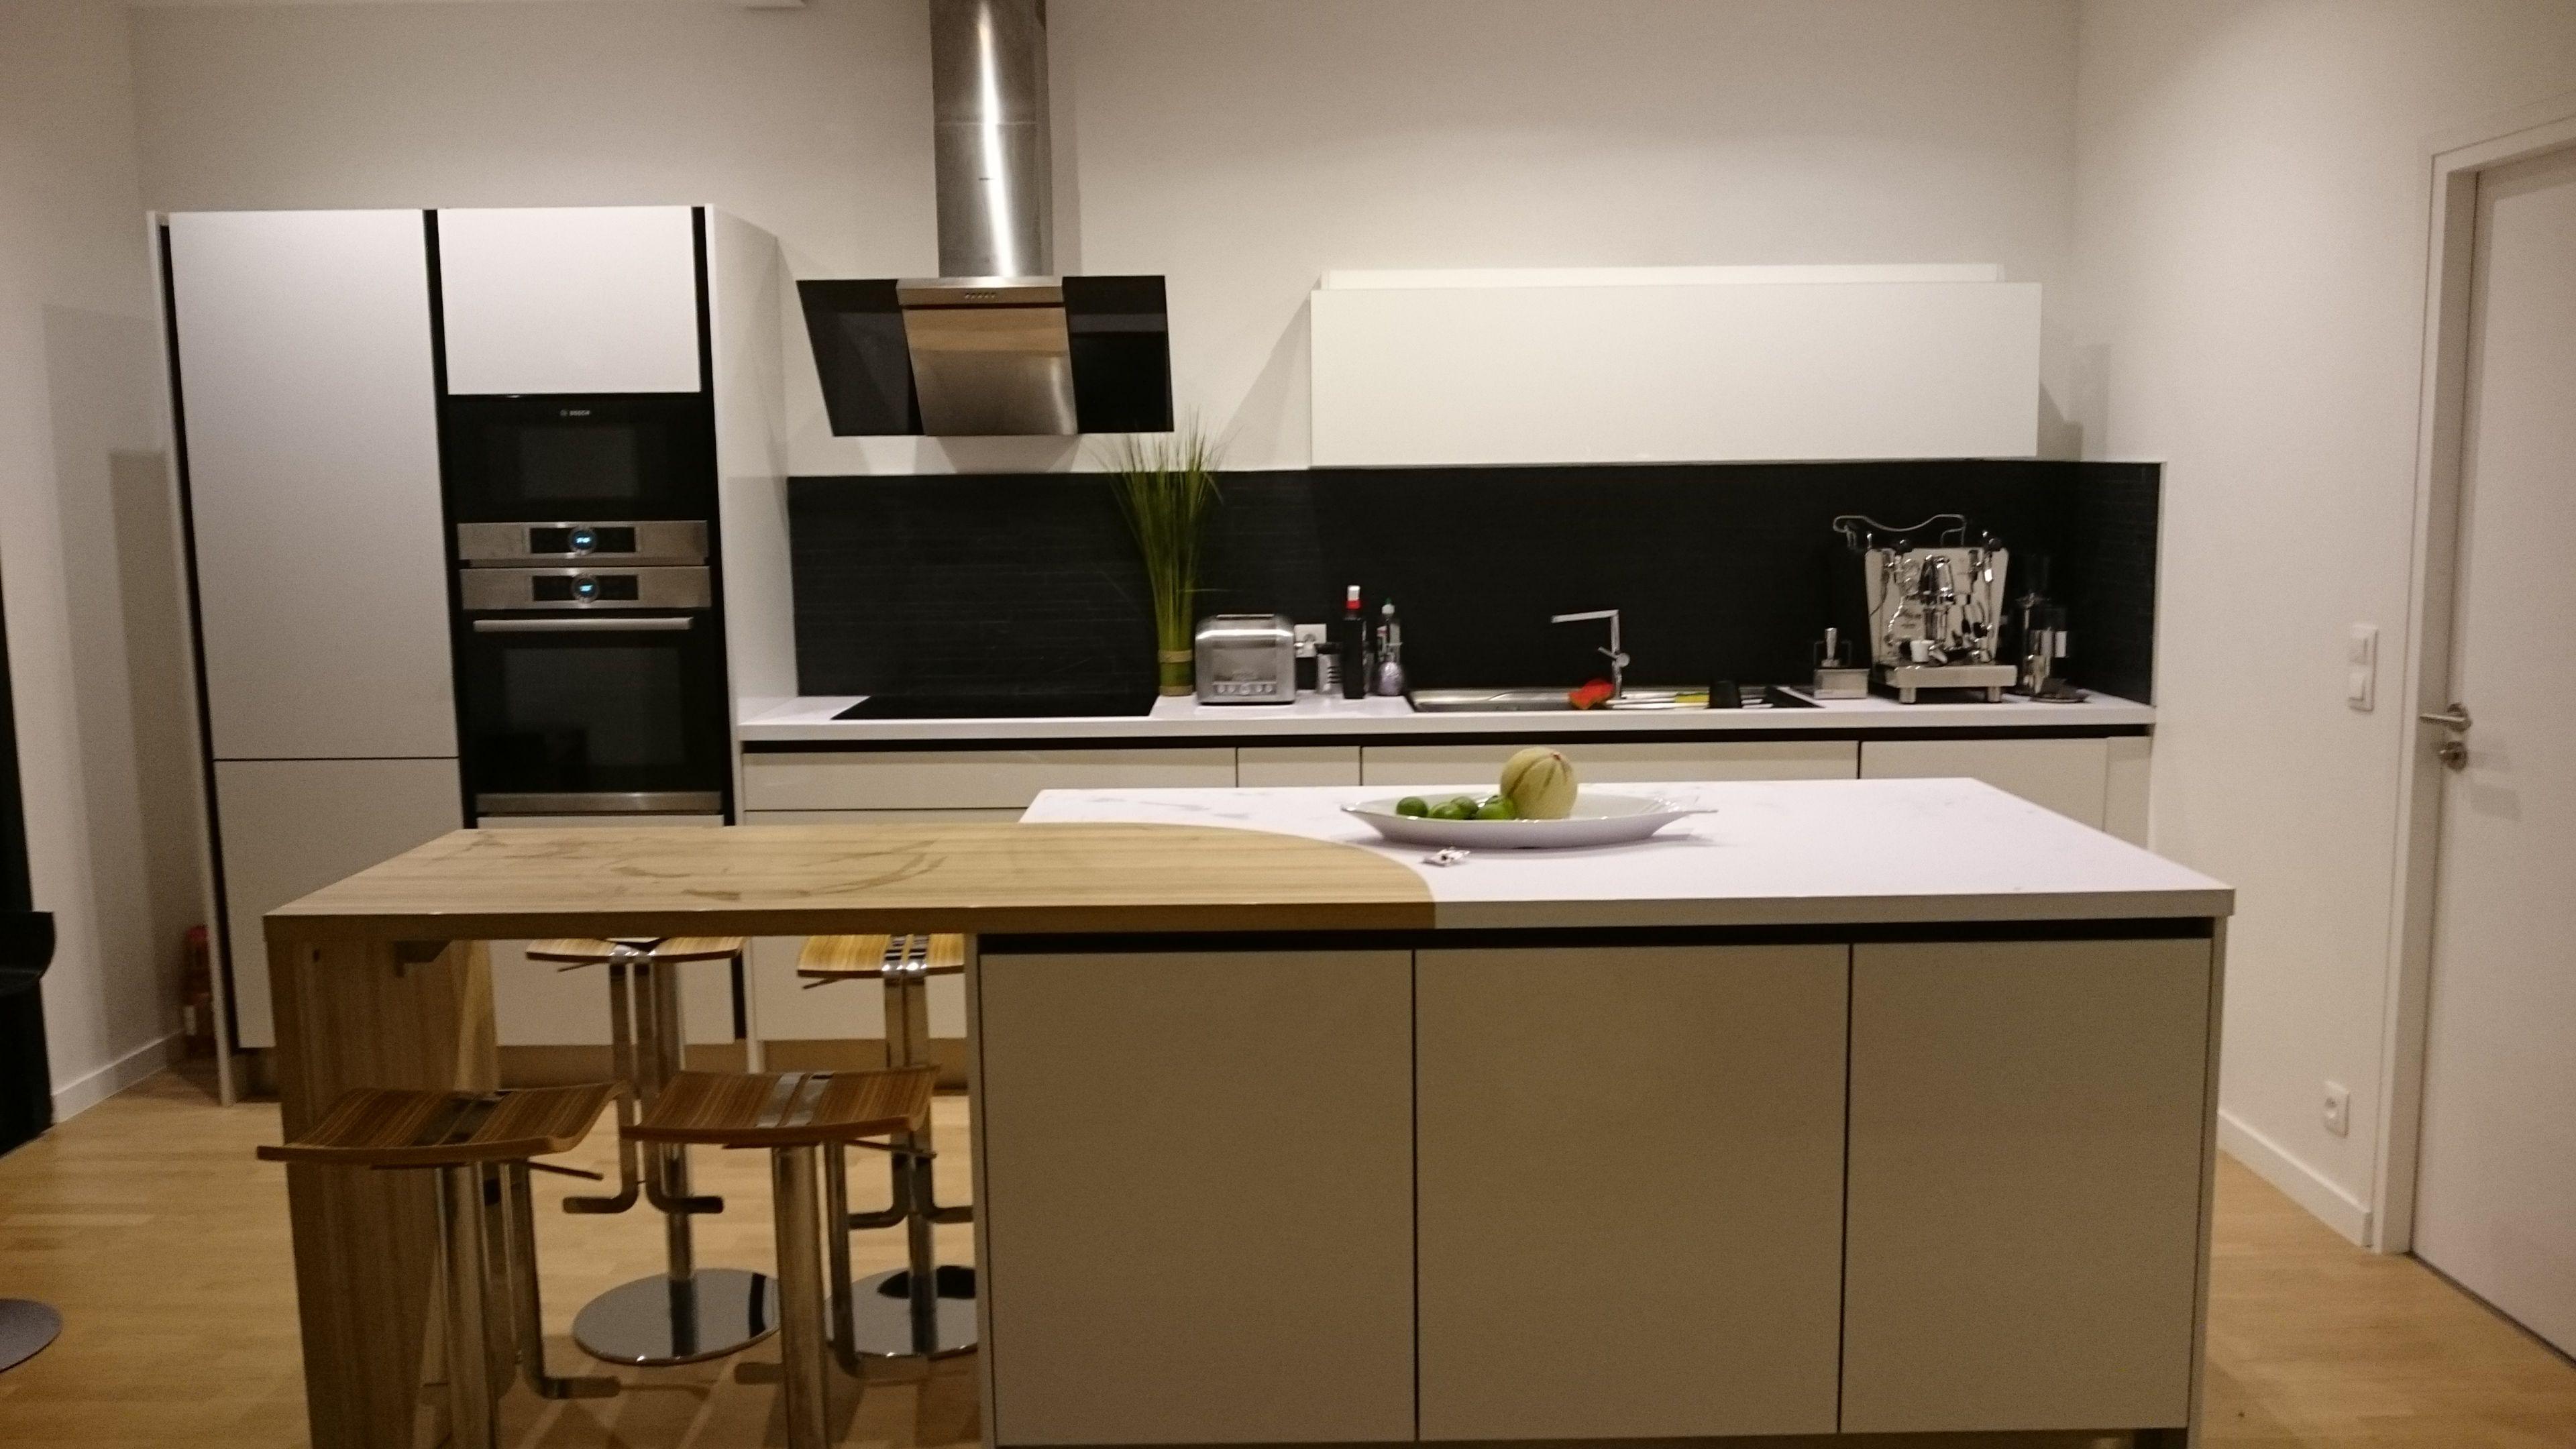 rueil malmaison sobri t bonnet et l gance. Black Bedroom Furniture Sets. Home Design Ideas